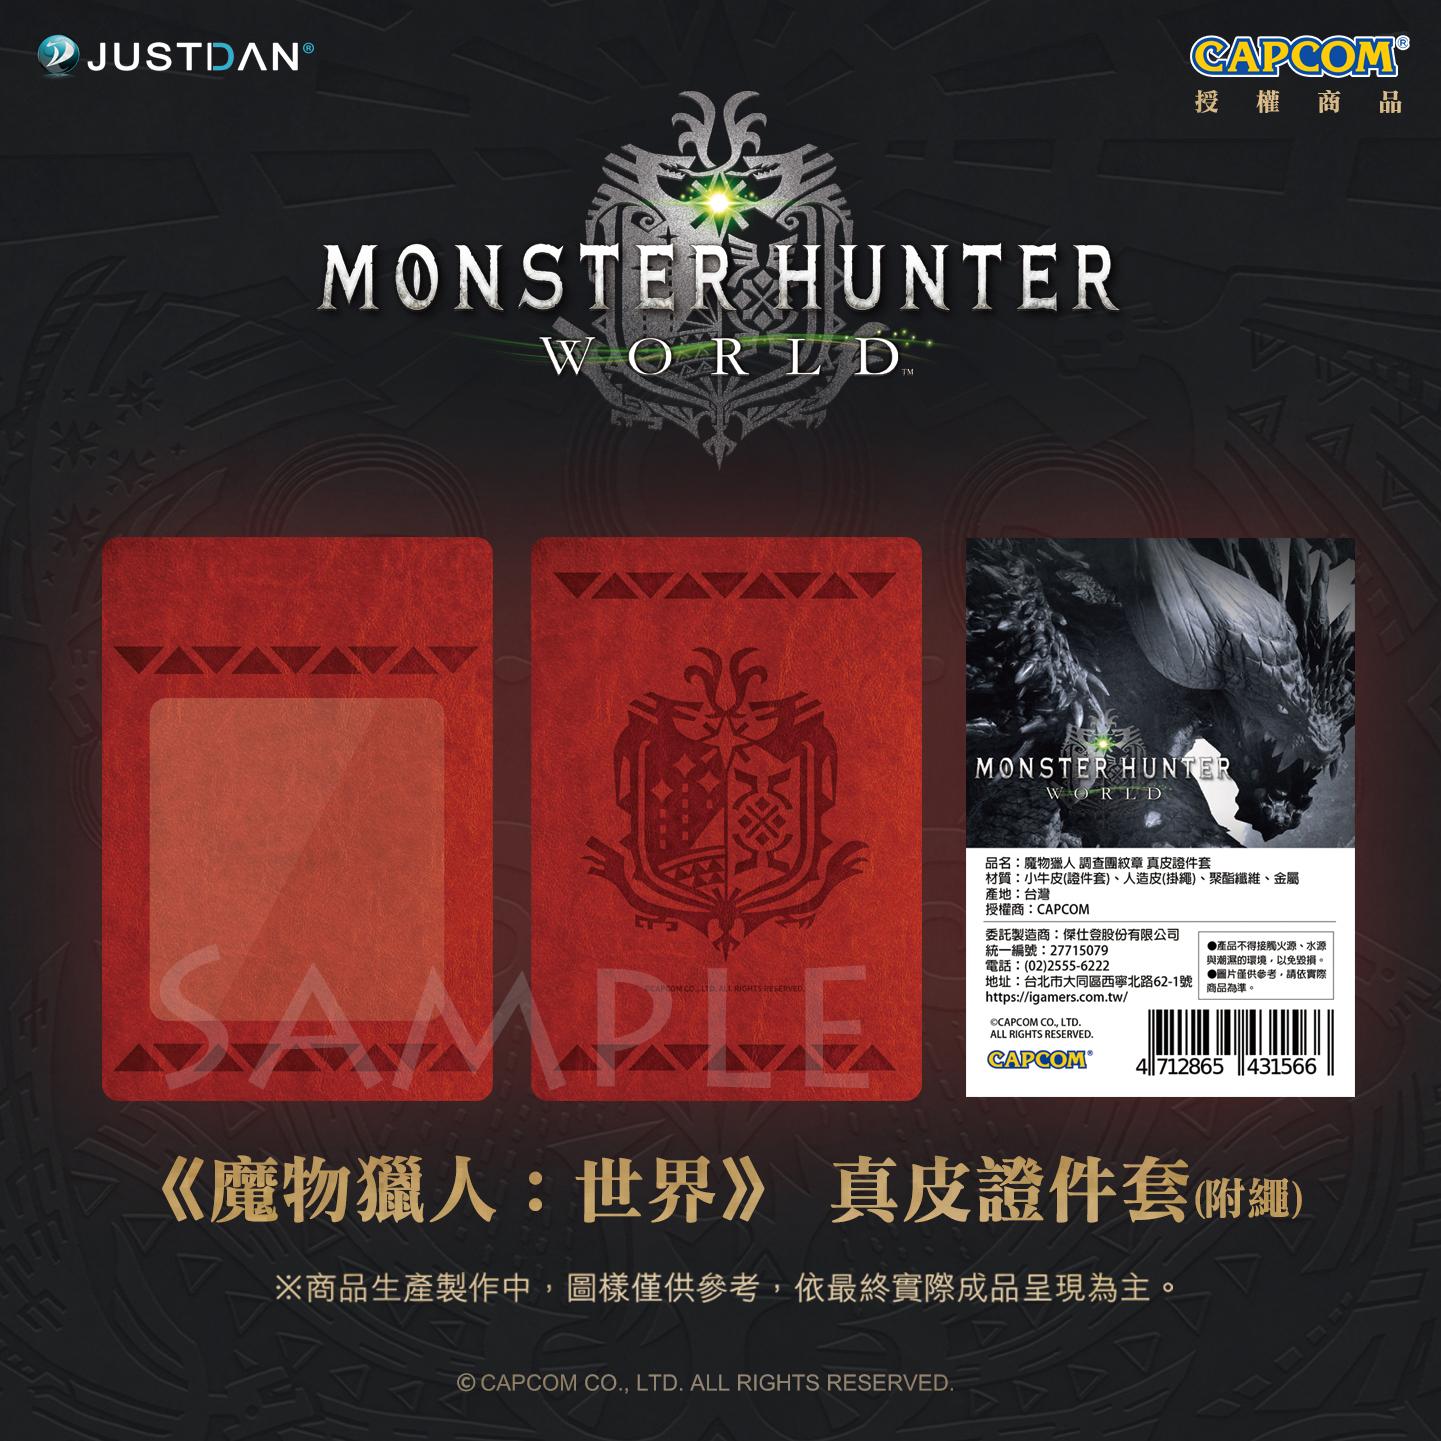 《魔物獵人 世界》/Airou from the Monster Hunter系列台灣獨家周邊,第一彈正式開放預購!將於12/24火熱上市 %25E9%25AD%2594%25E7%2589%25A9%25E7%258D%25B5%25E4%25BA%25BA%25E8%25AD%2589%25E4%25BB%25B6%25E5%25A5%2597%25E6%2594%25B6%25E5%2596%25AE%25E5%259C%2596